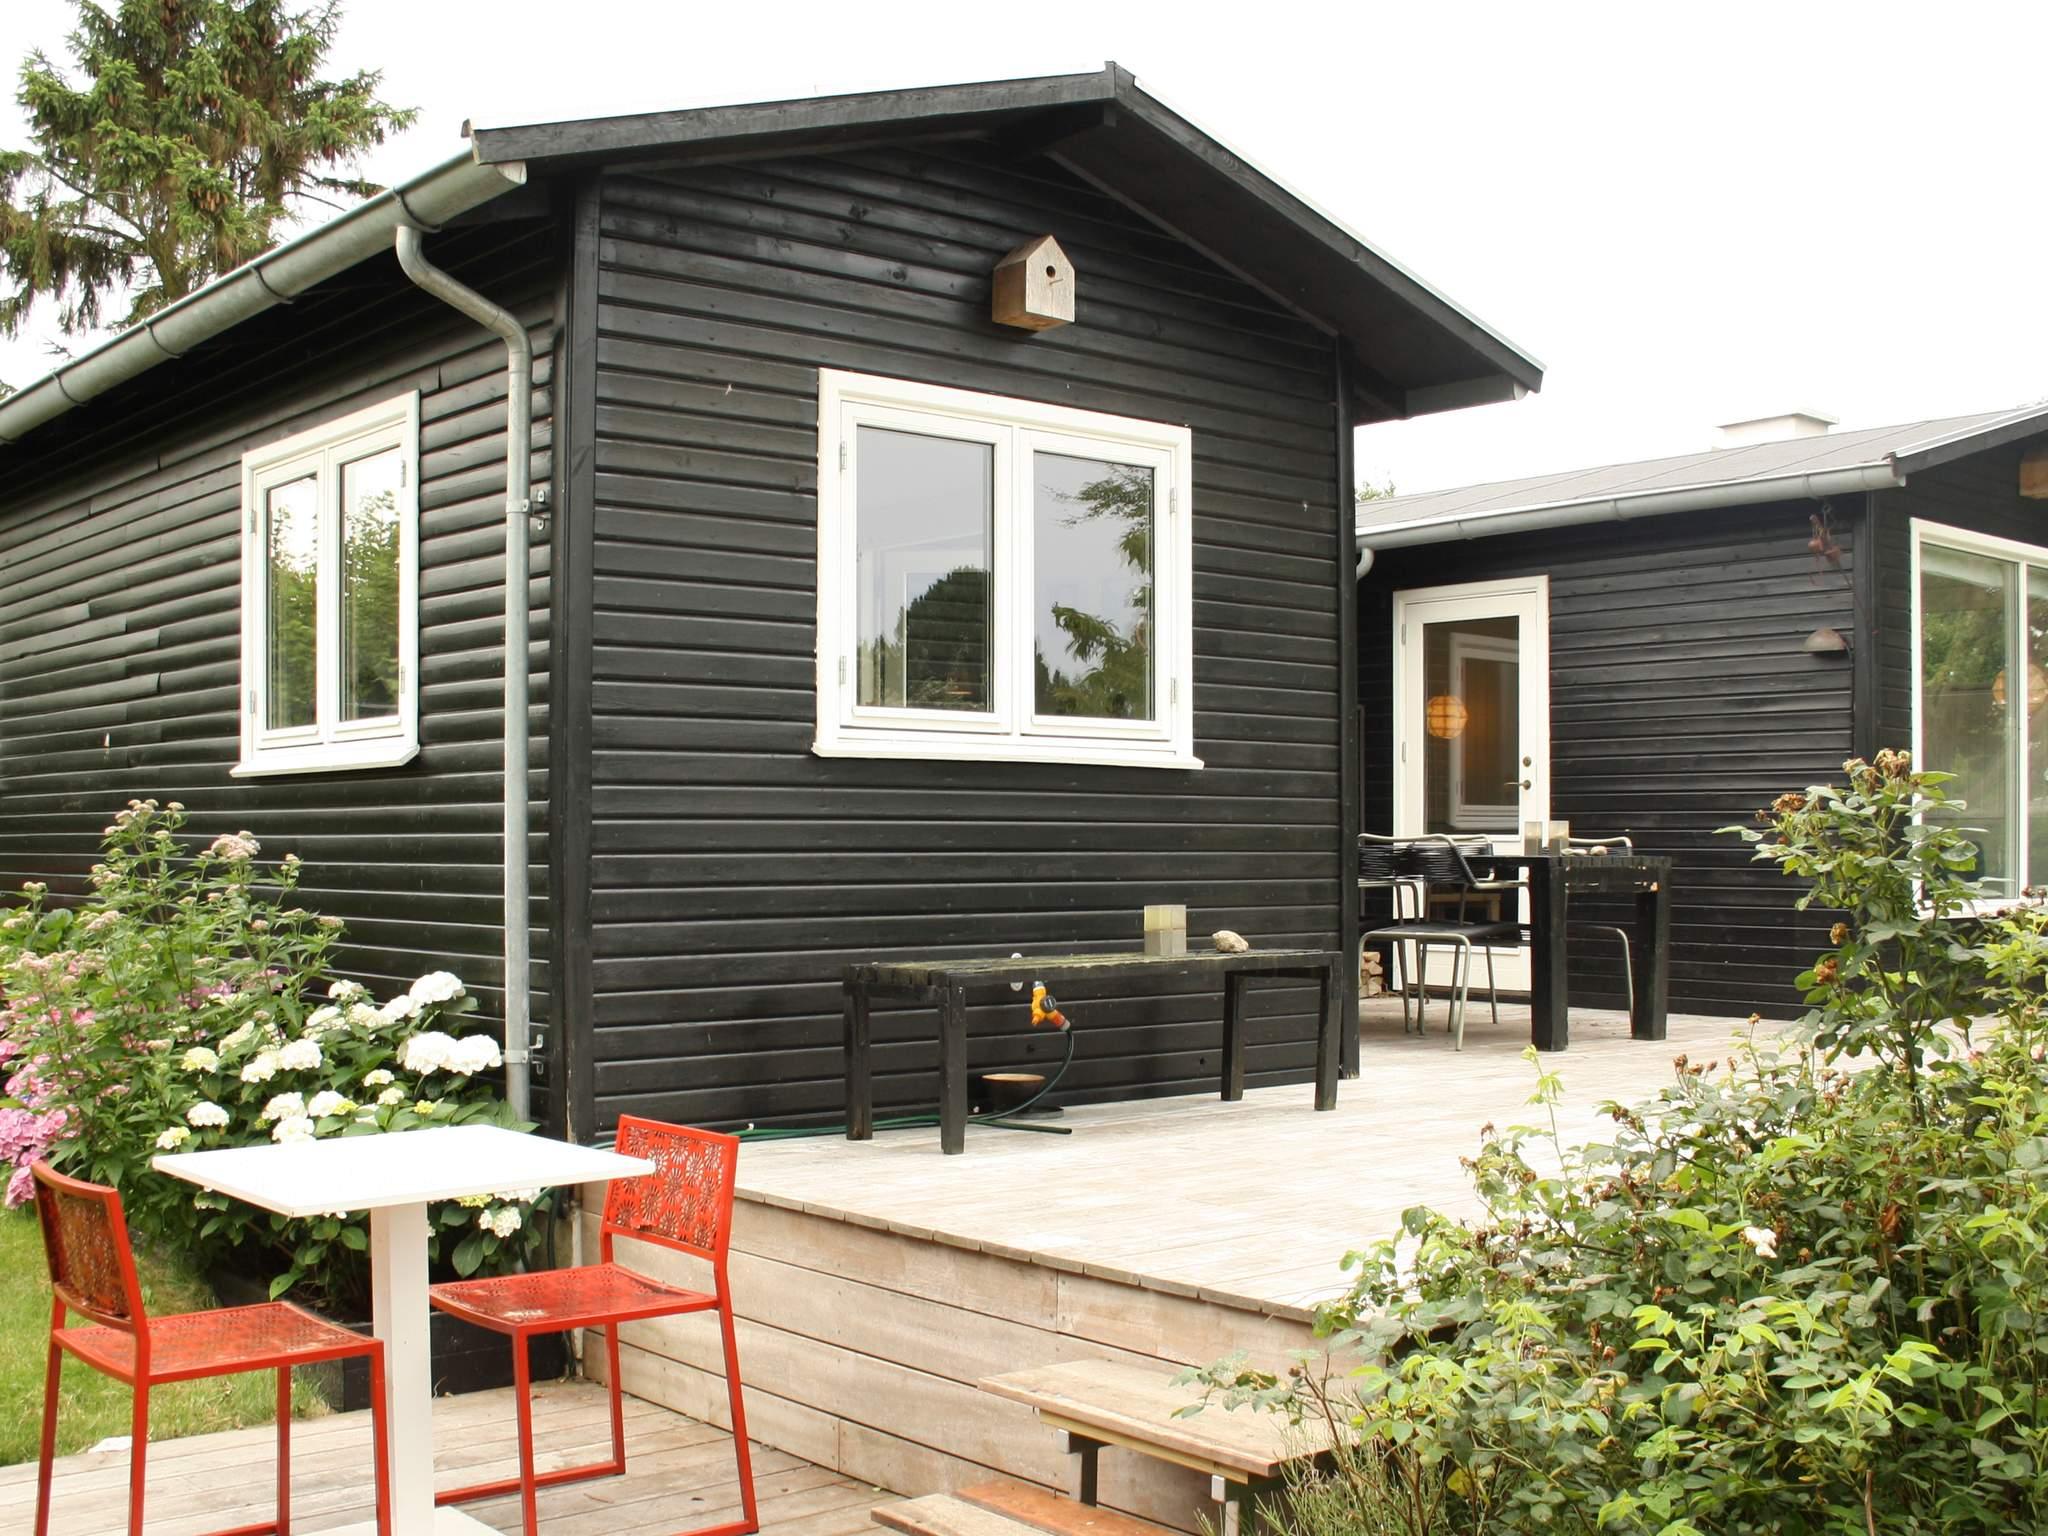 Ferienhaus Kulhuse (662167), Kulhuse, , Nordseeland, Dänemark, Bild 18